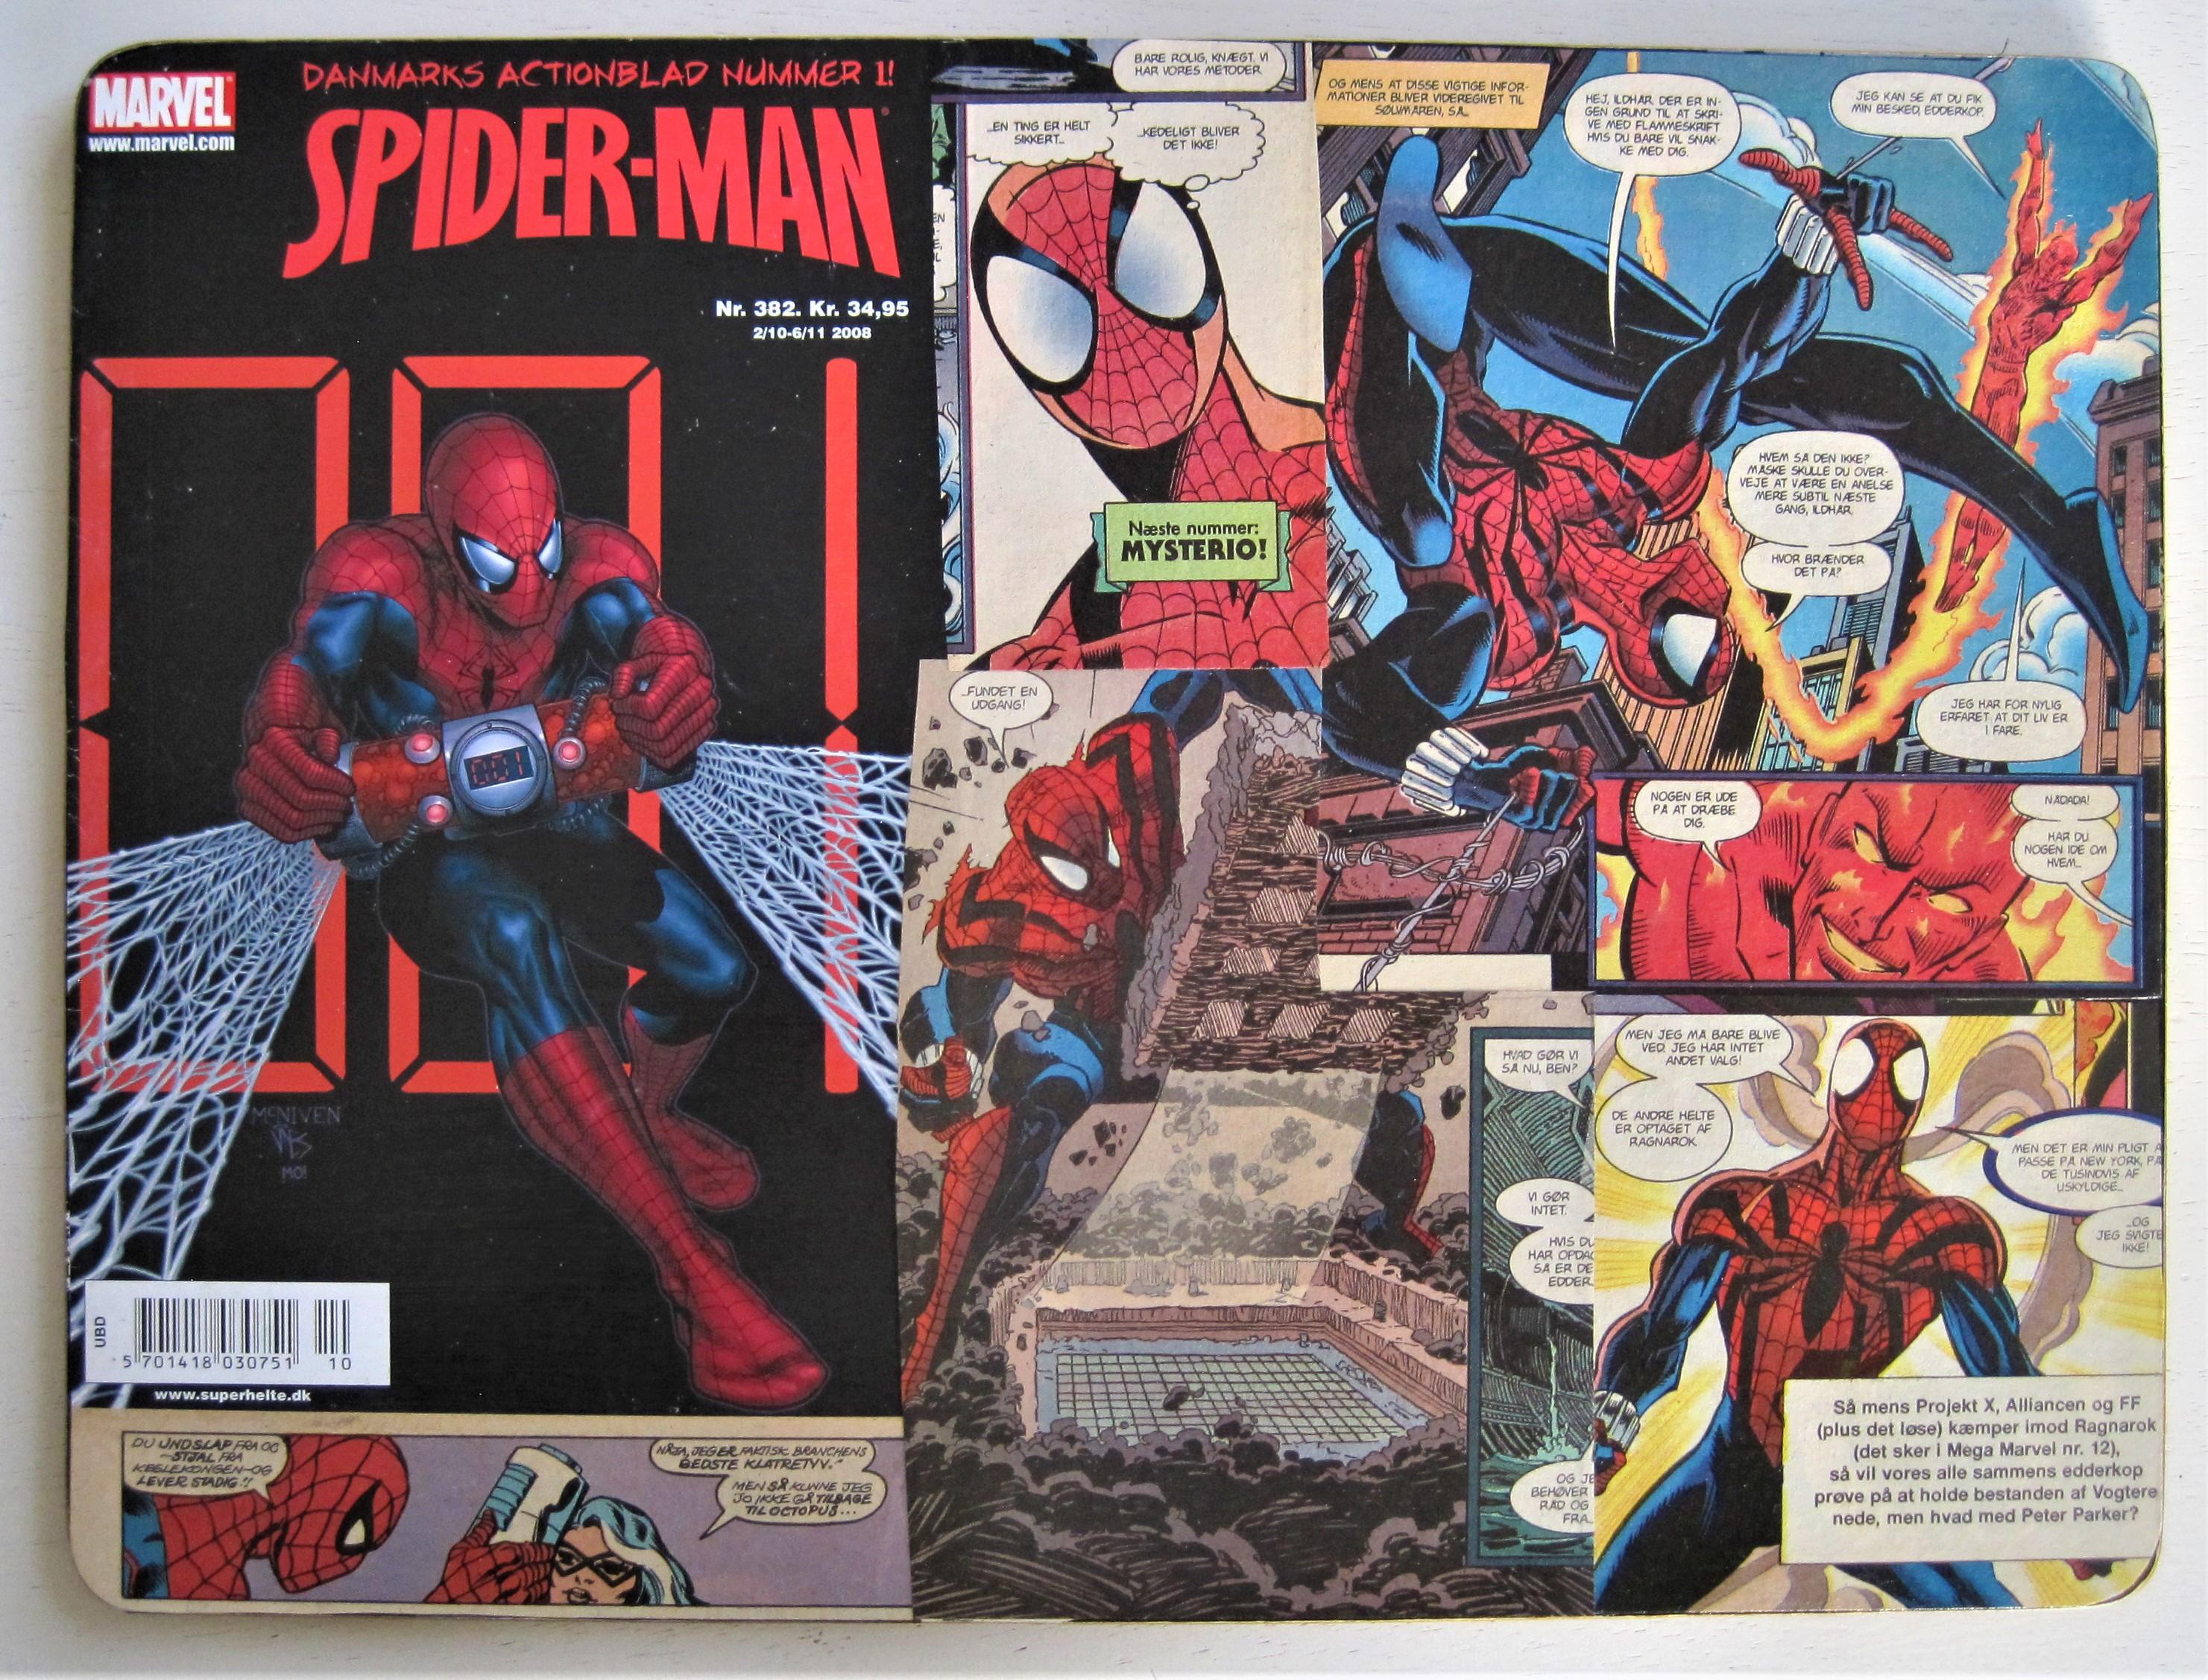 Dækkeserviet af kork med tegenseriehelten Spiderman